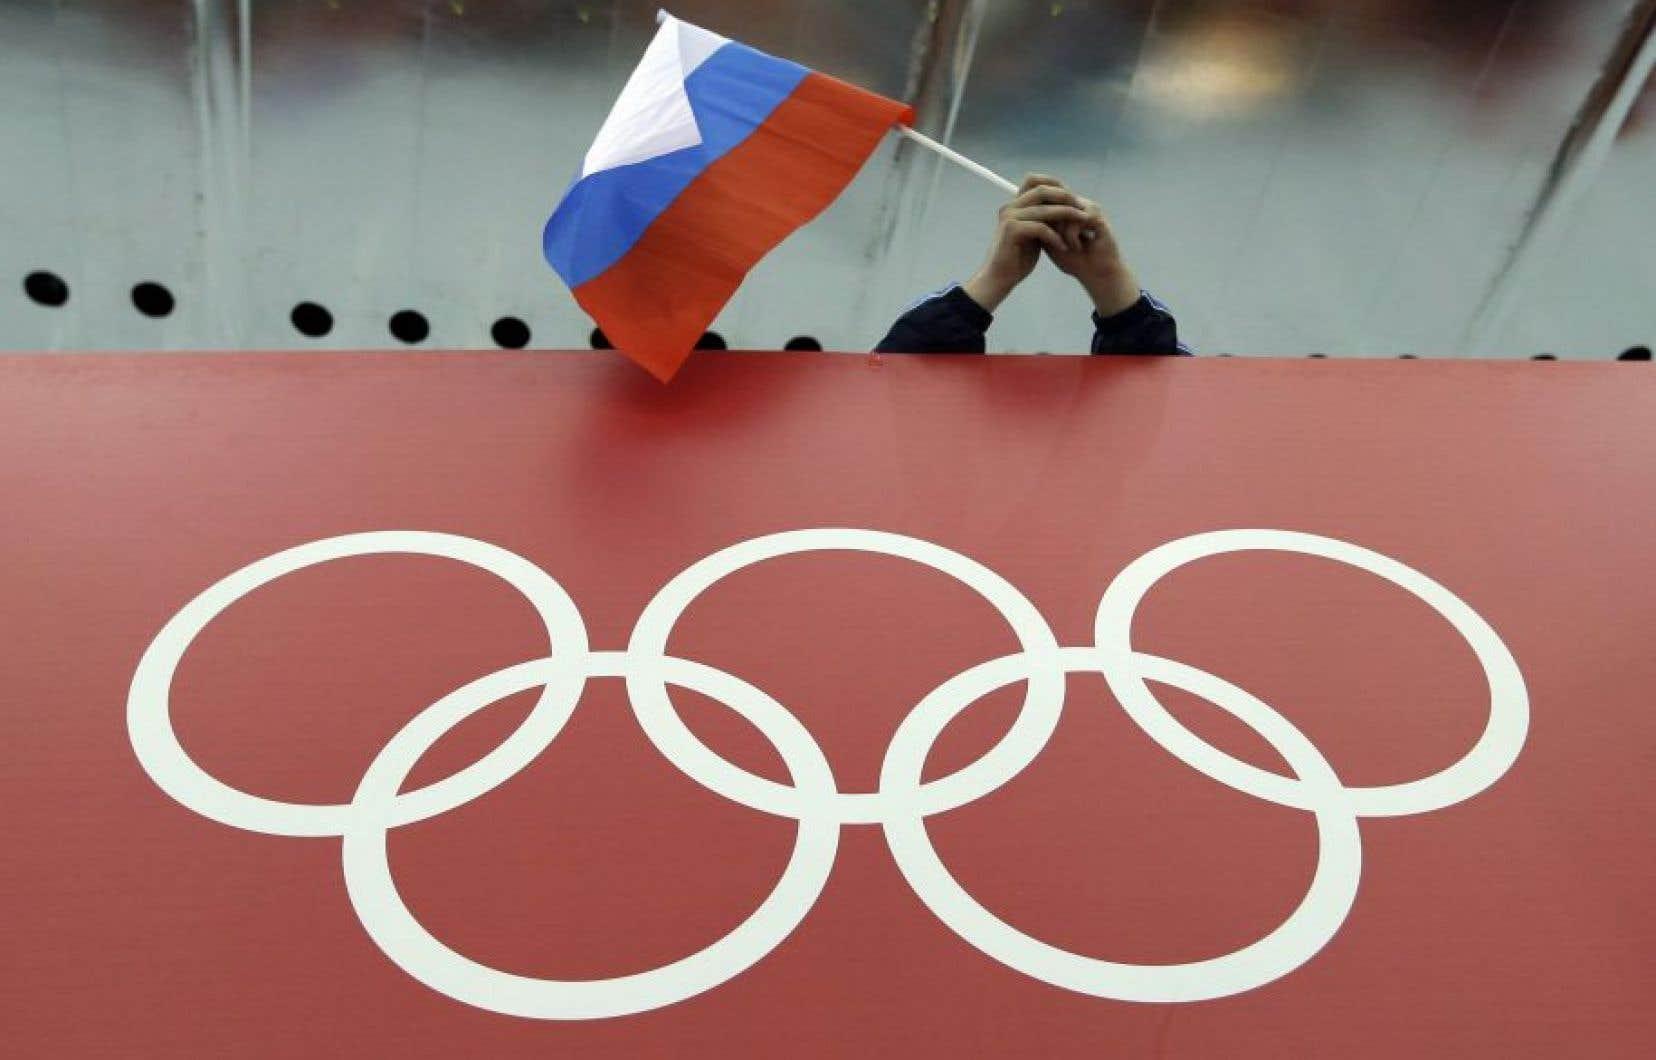 L'athlétisme russe est privé de compétitions depuis novembre 2015.